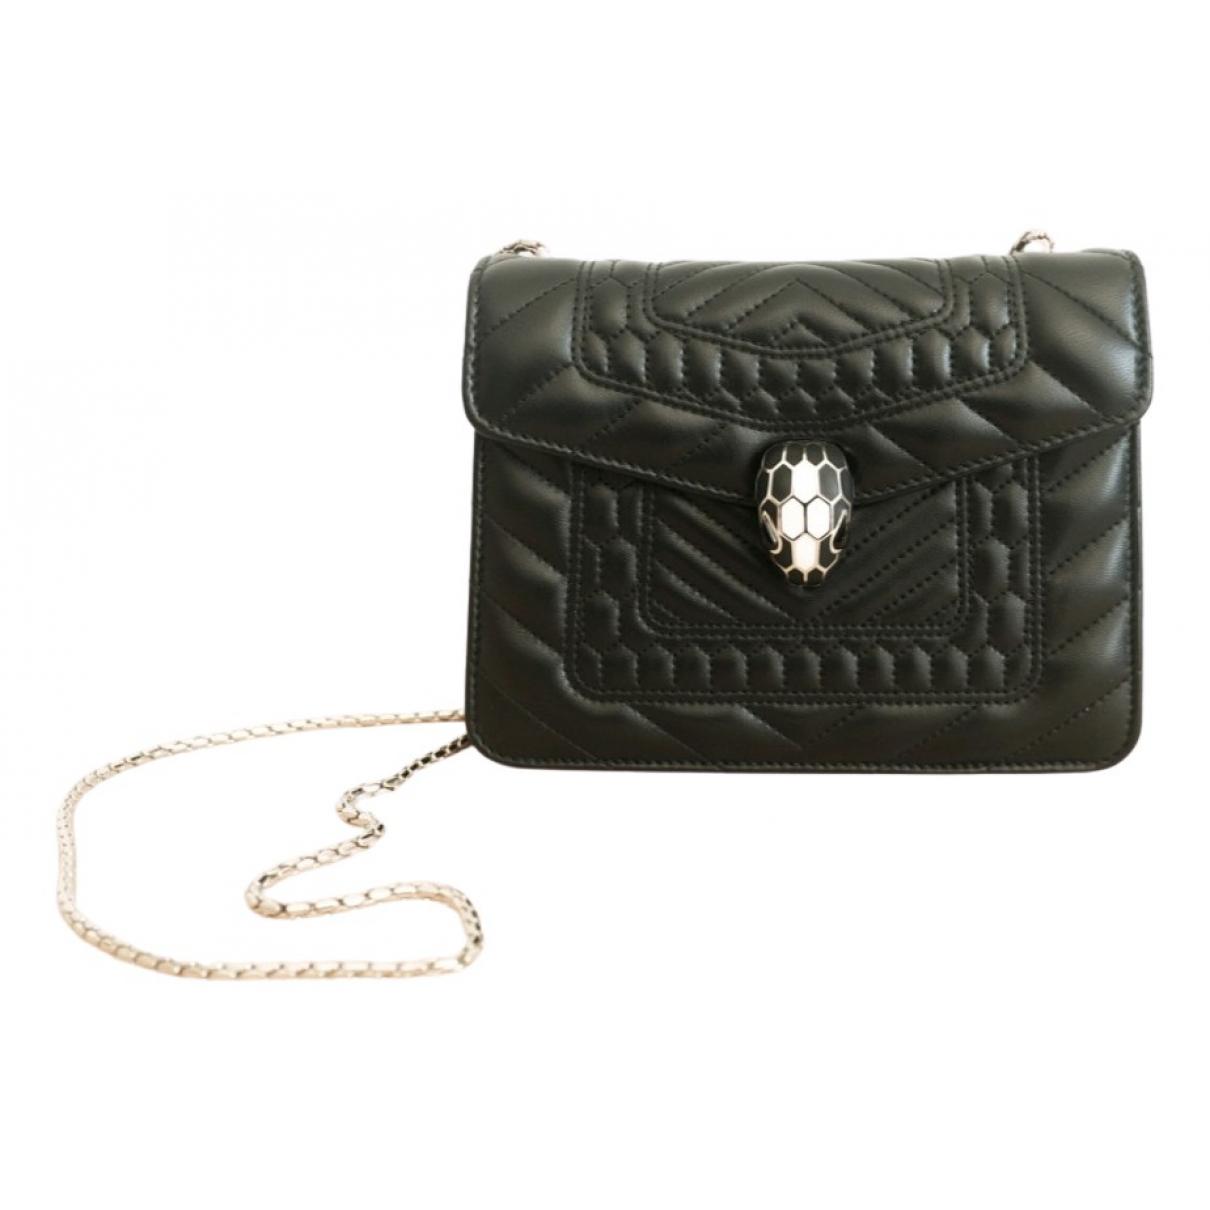 Bvlgari - Sac a main Serpenti pour femme en cuir exotique - noir